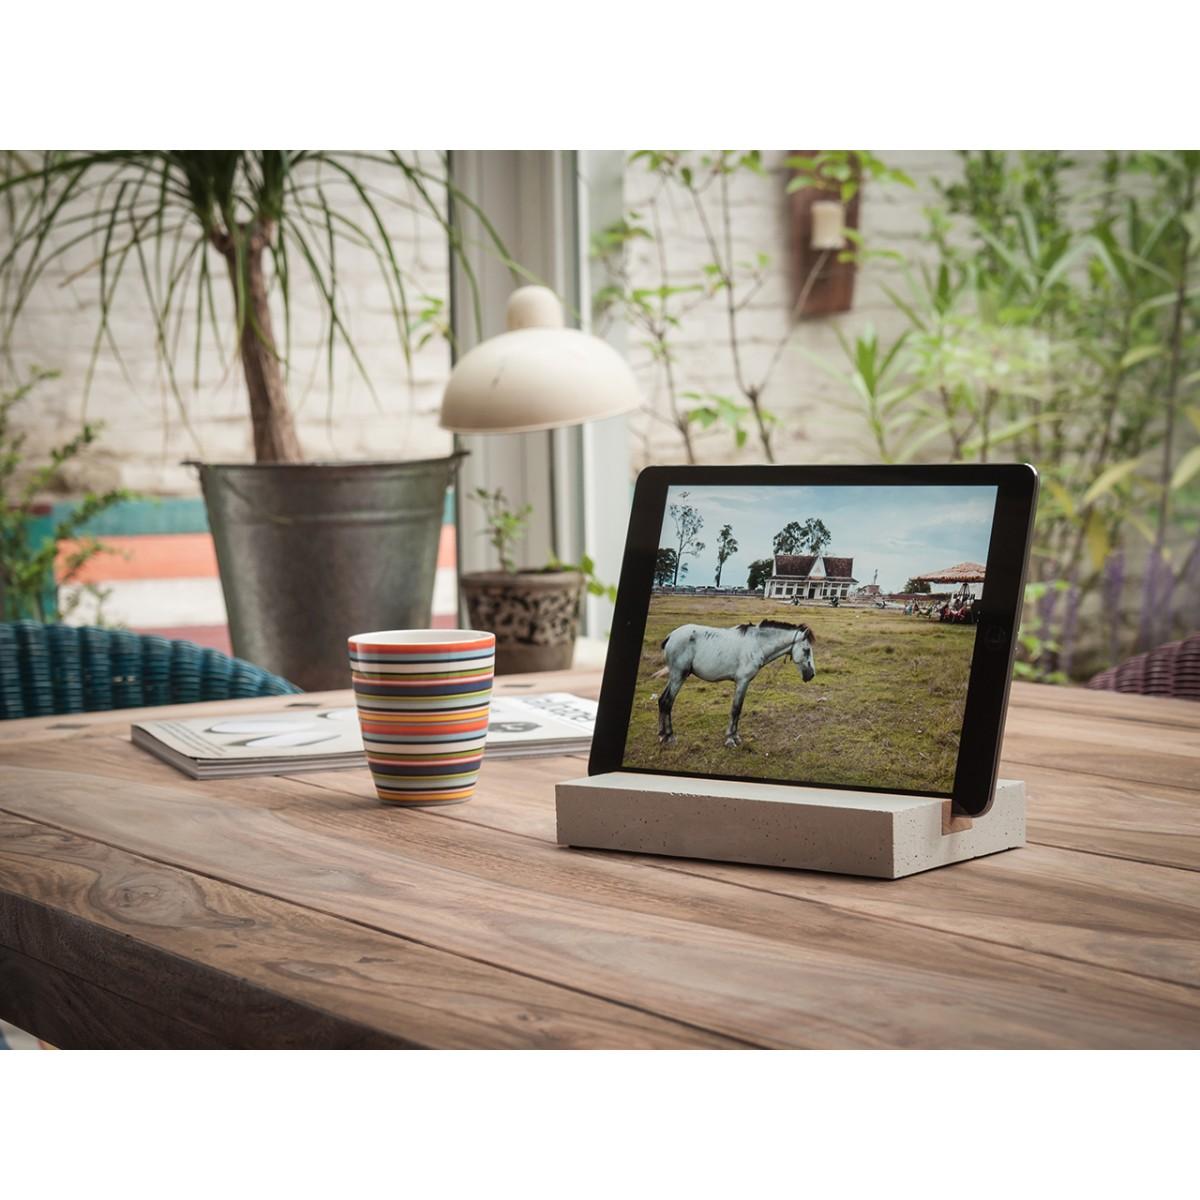 WOOD U? Halterung / Halter für iPad und Tablet aus Beton